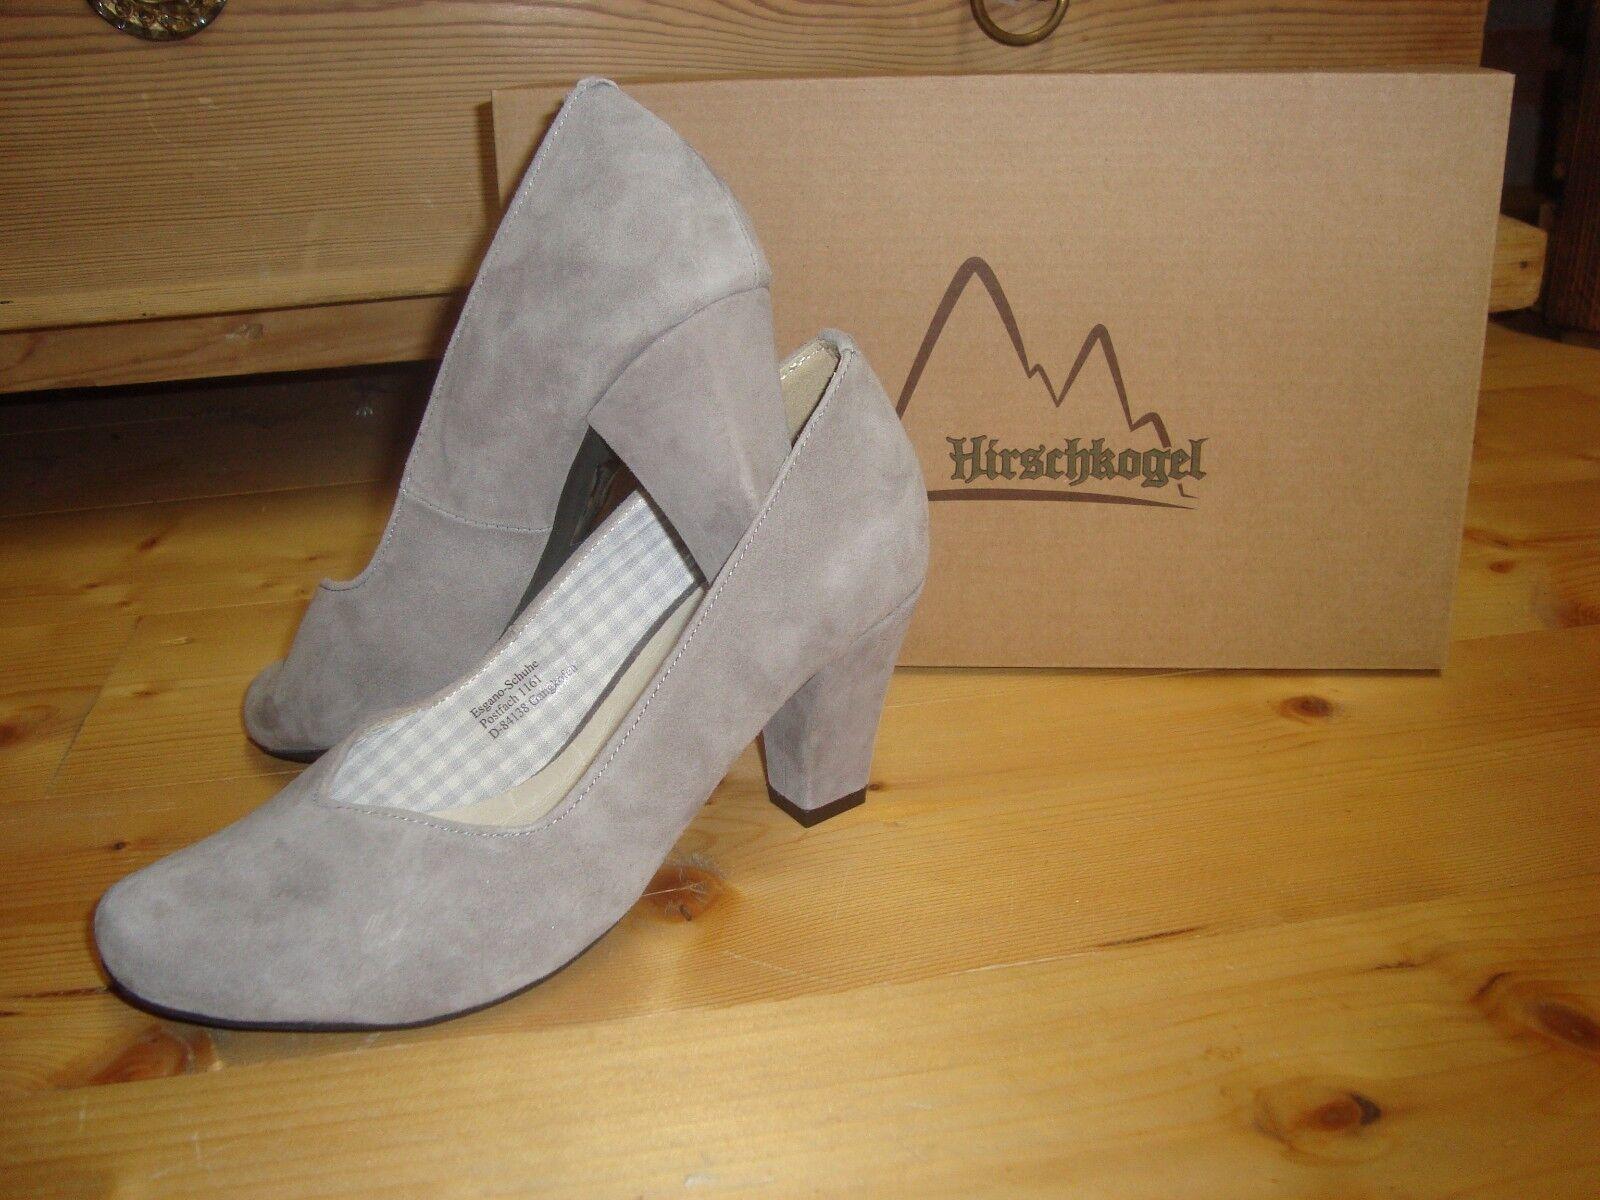 Hirschkogel Trachten Pumps Schuhe grau 38 Damen Gr. 36 37 38 grau 39 40 41 446711